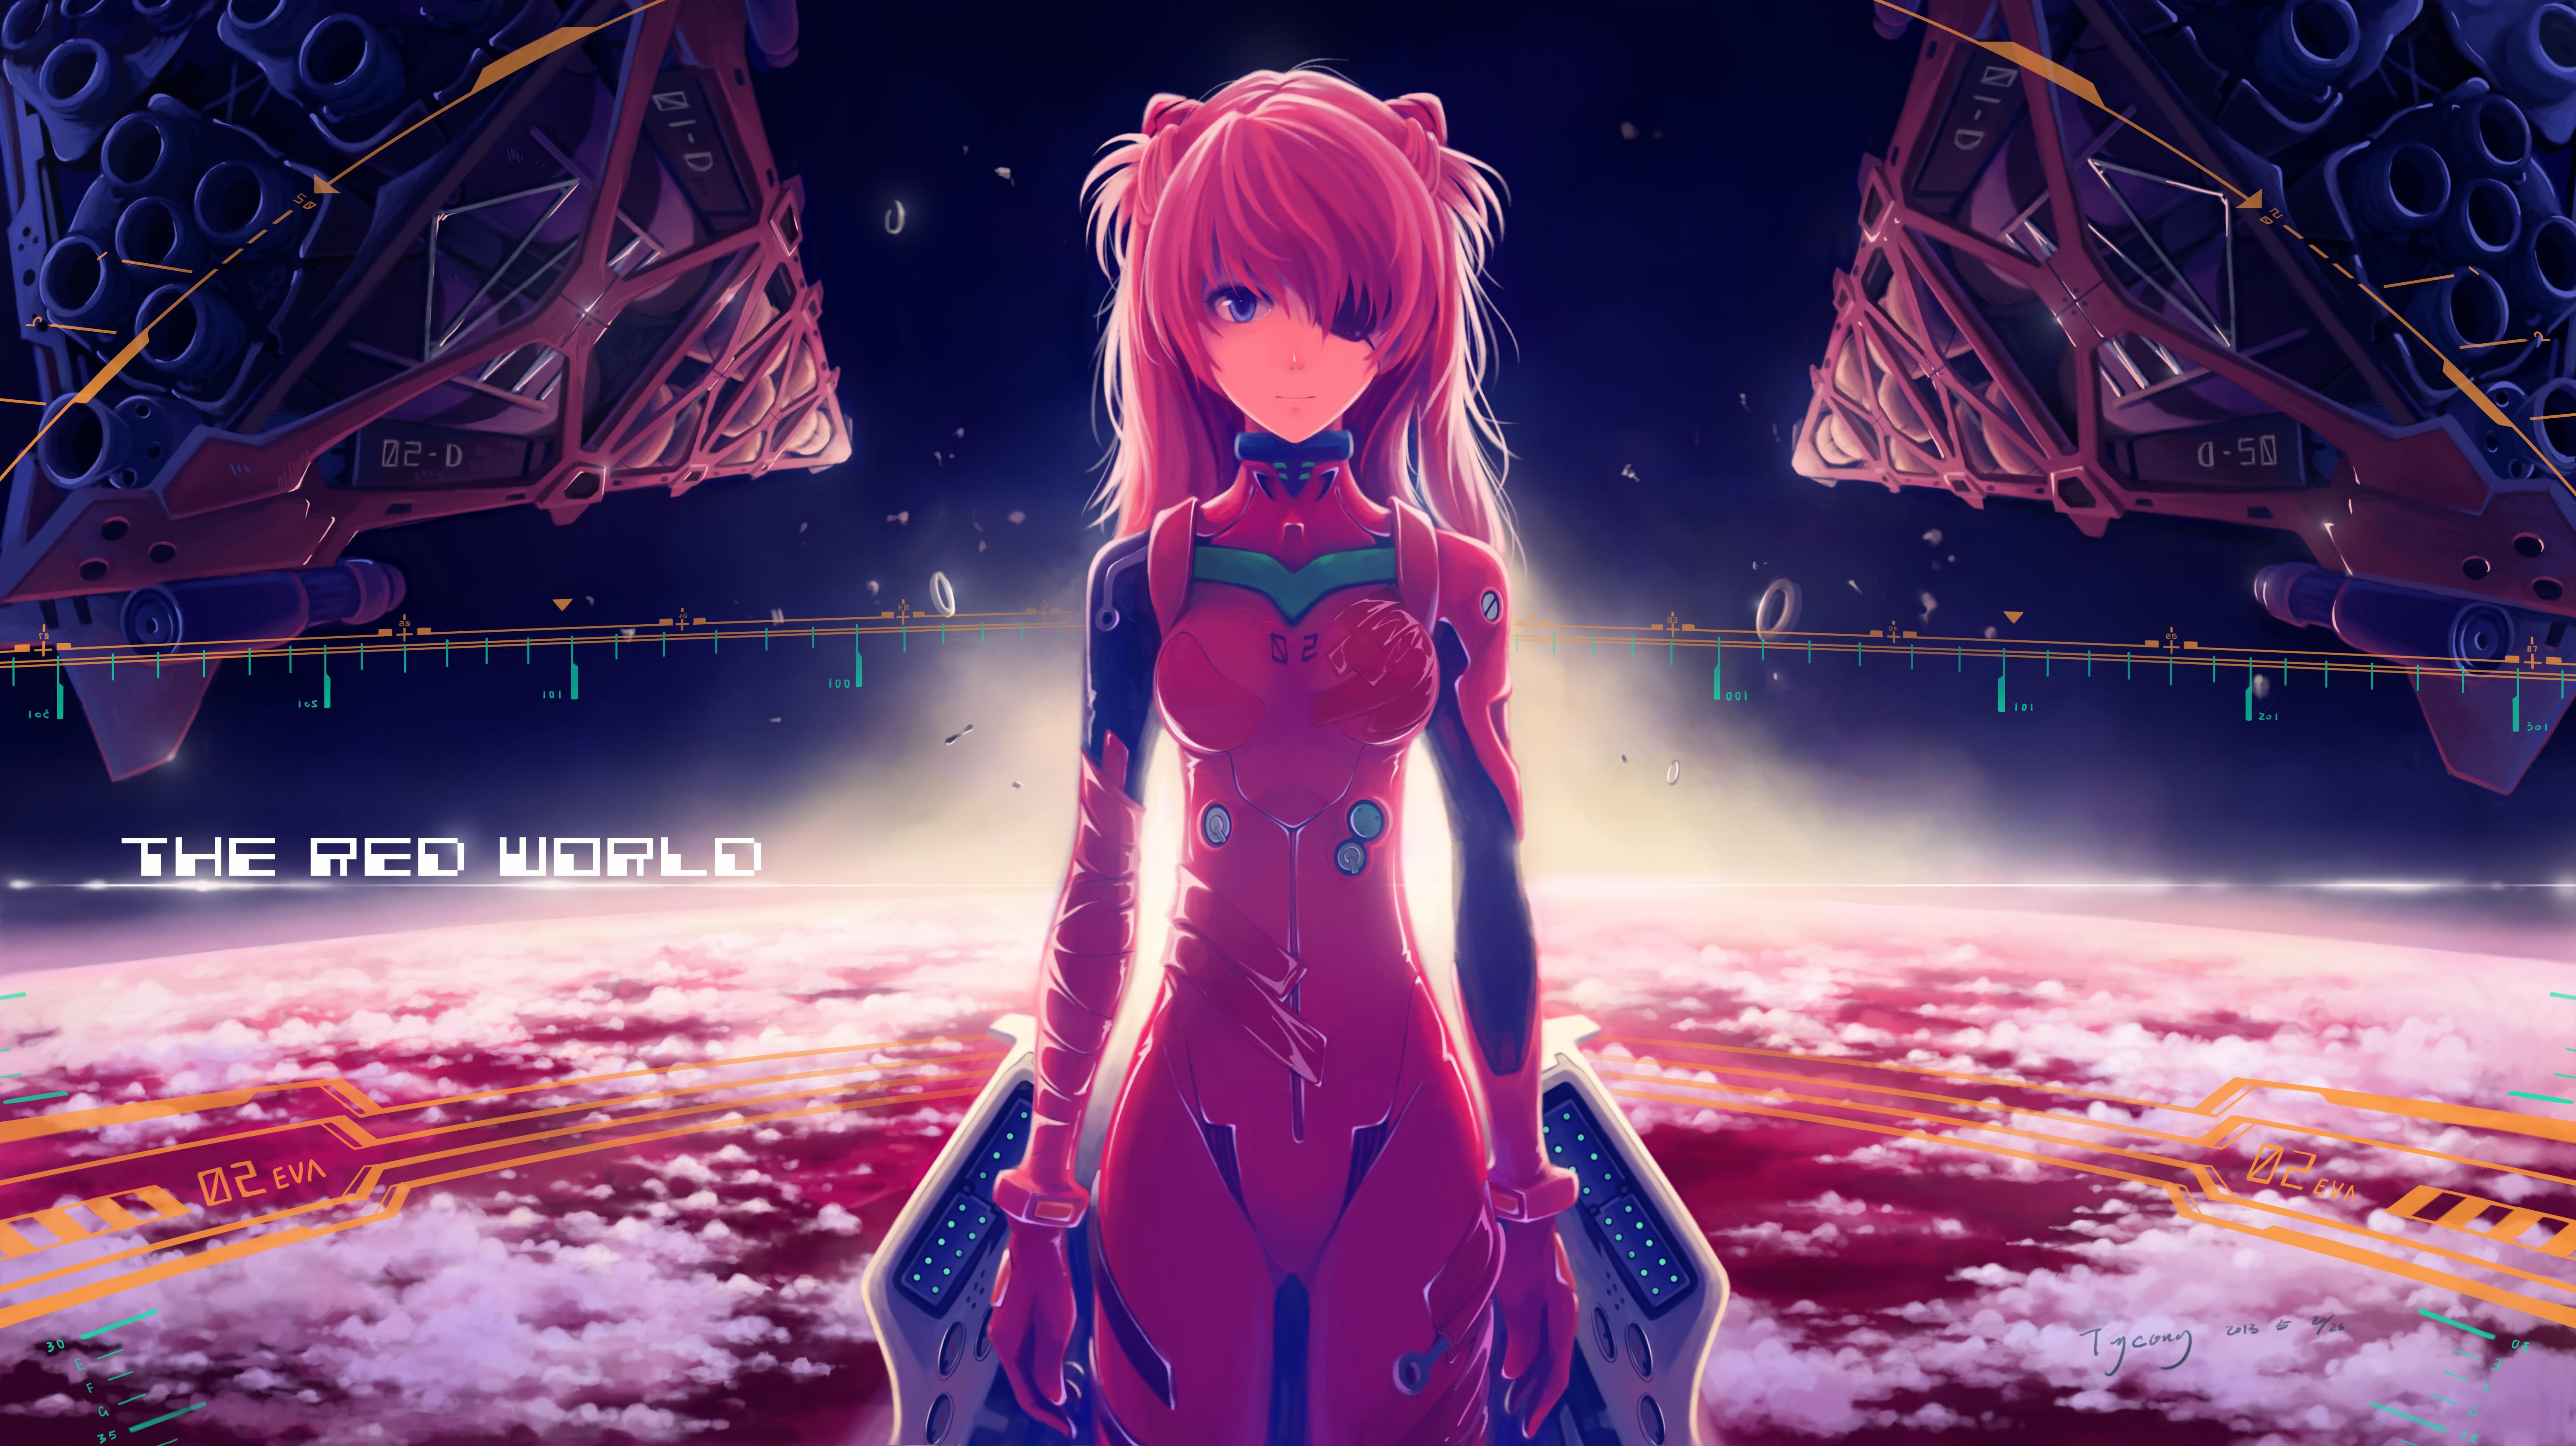 Planet eva redhead